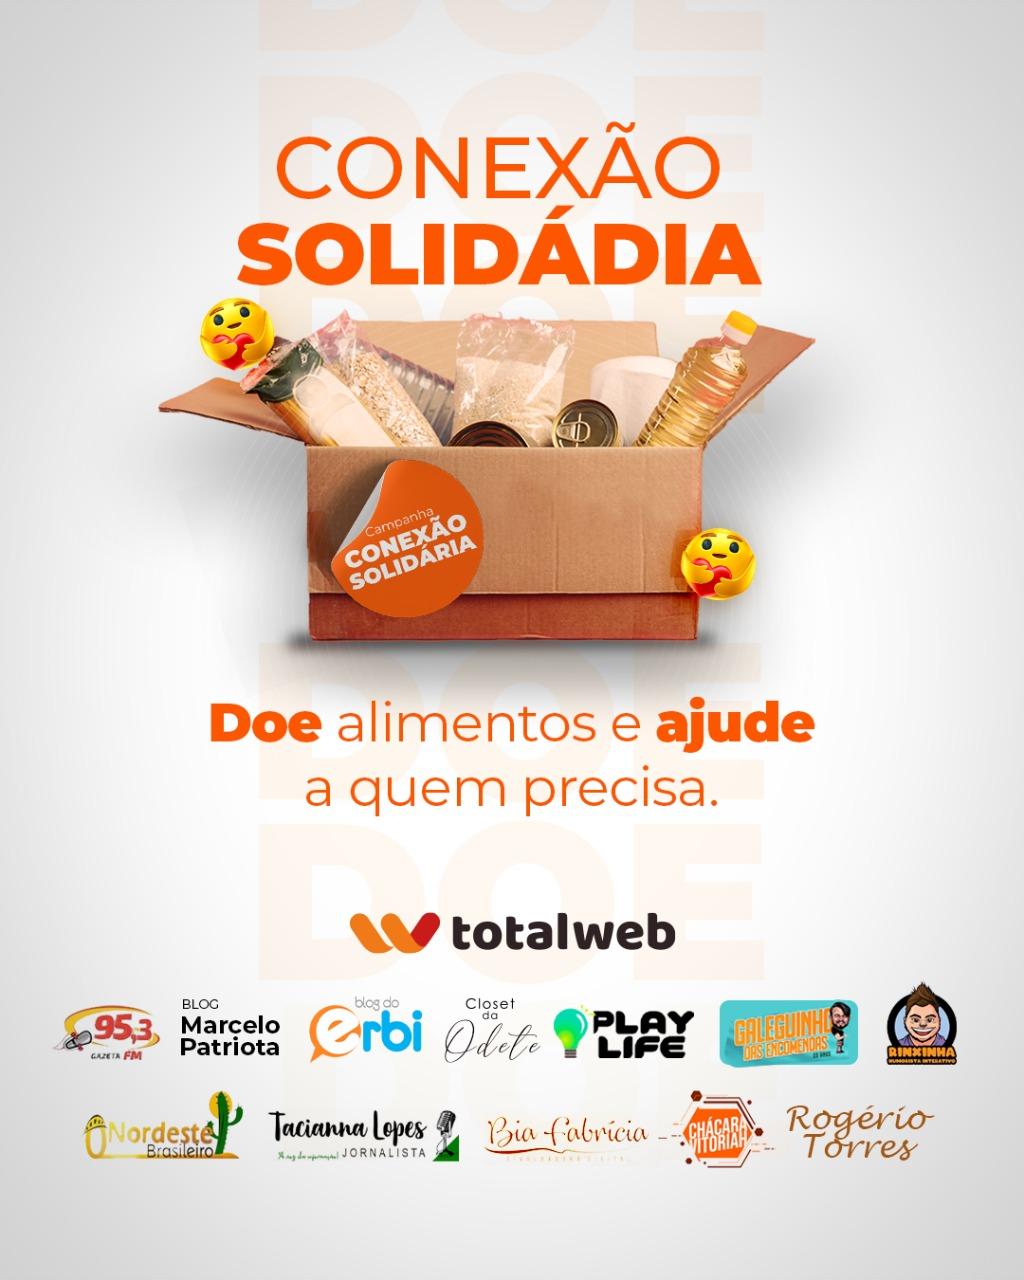 Empresa Totalweb lança Projeto Conexão Solidária para doar cestas básicas à famílias carentes